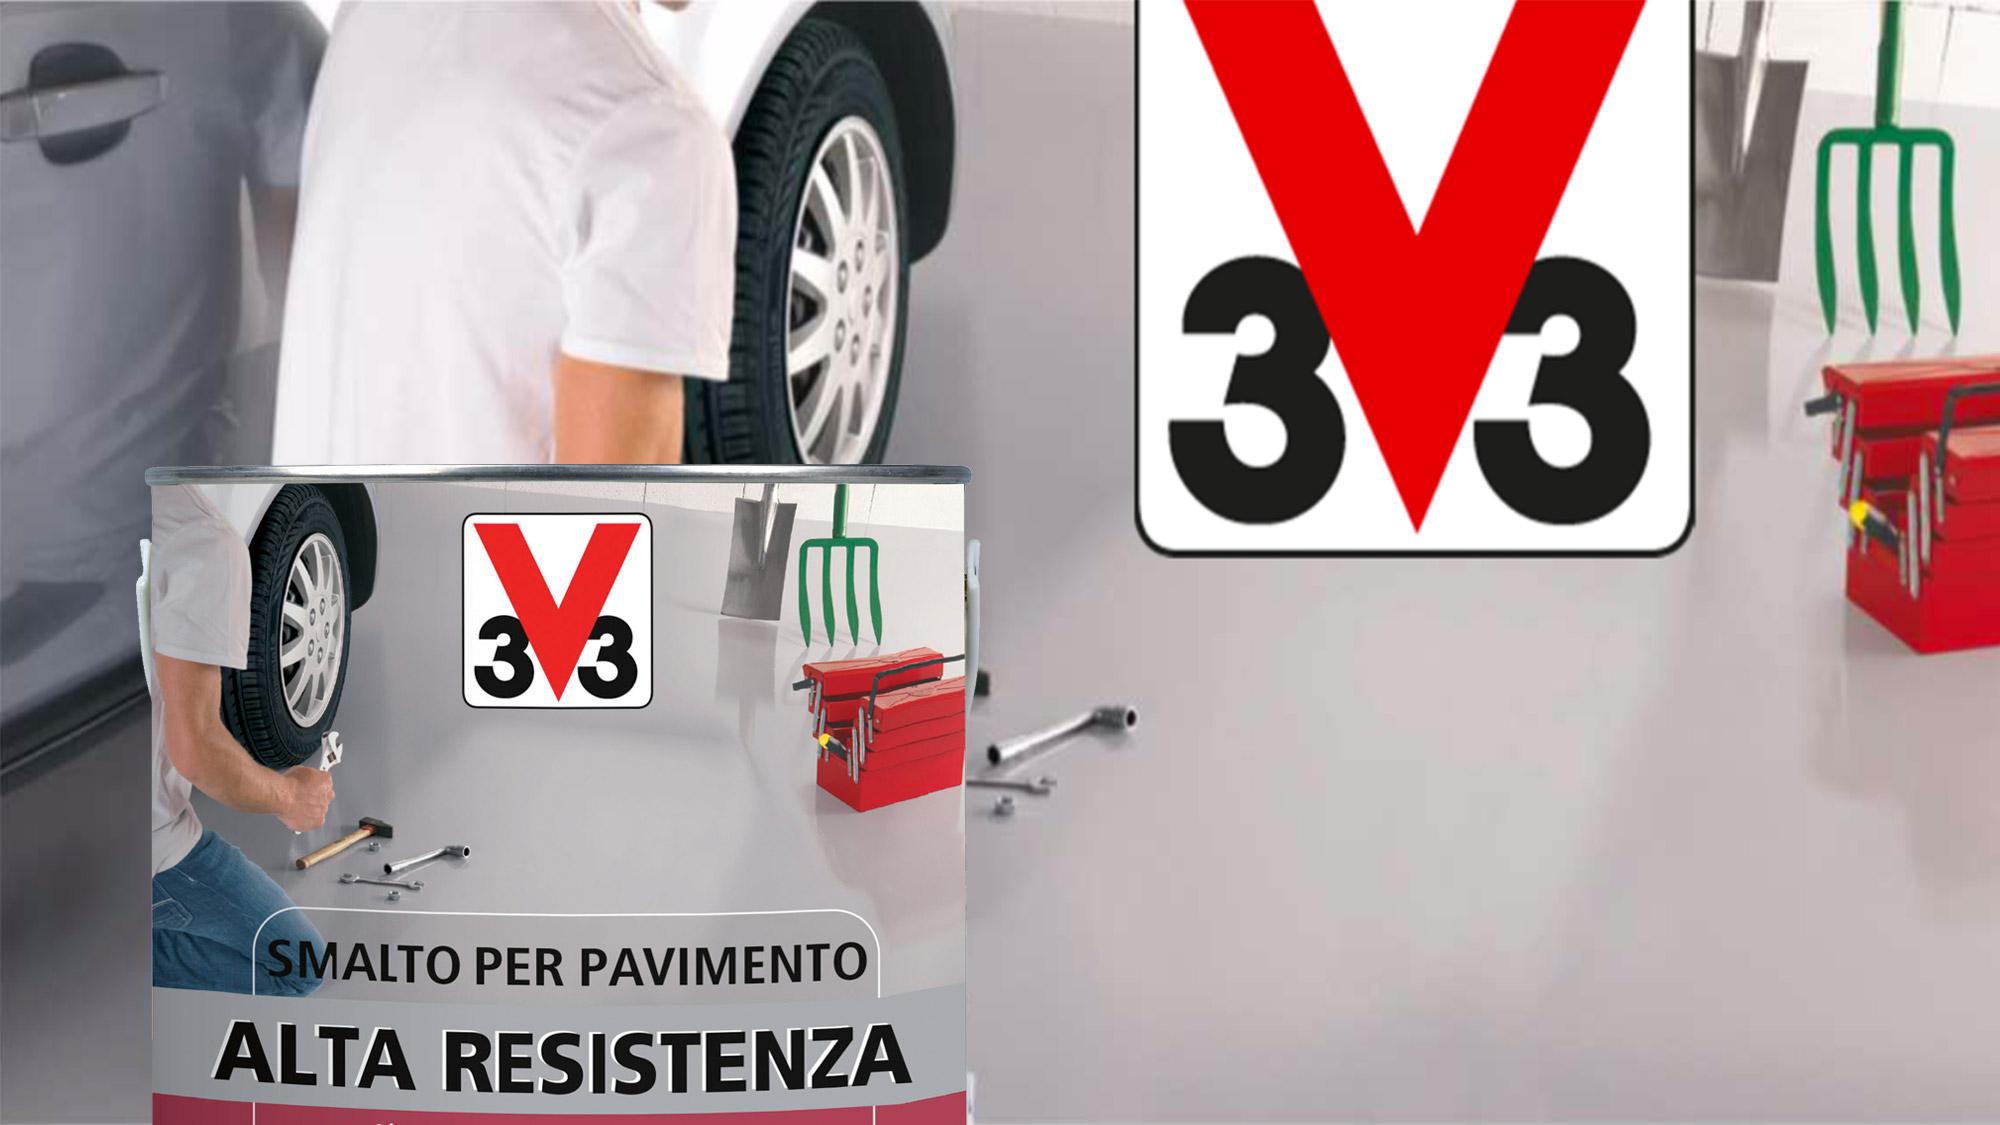 Smalto per pavimenti ad alta resistenza | V33